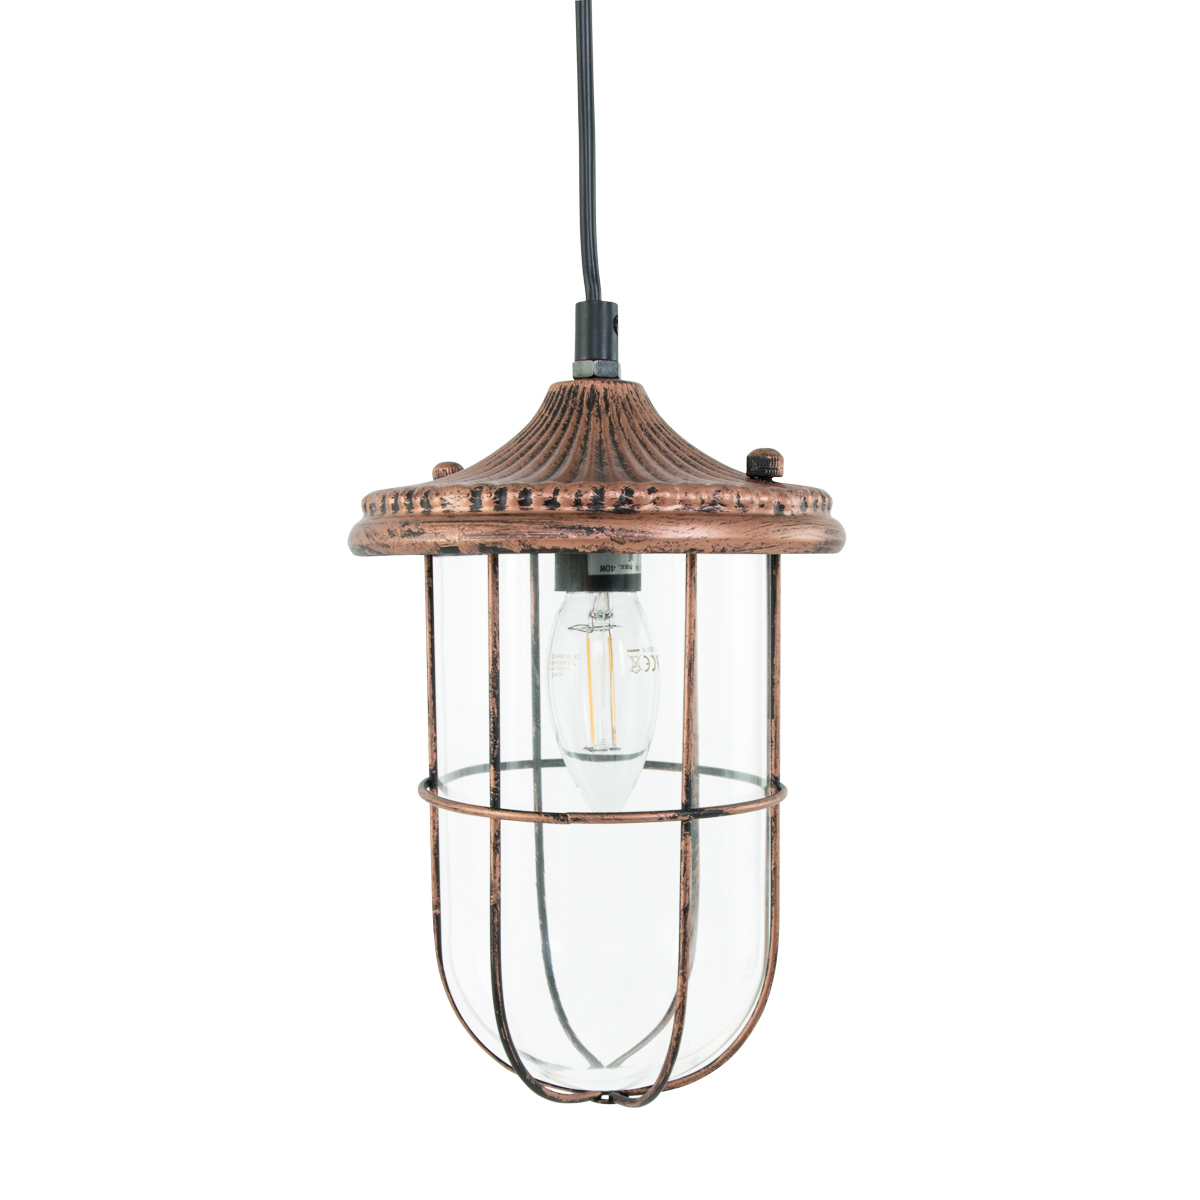 suspension industrielle cuivre ron 14 5 cm lampe industrielle. Black Bedroom Furniture Sets. Home Design Ideas